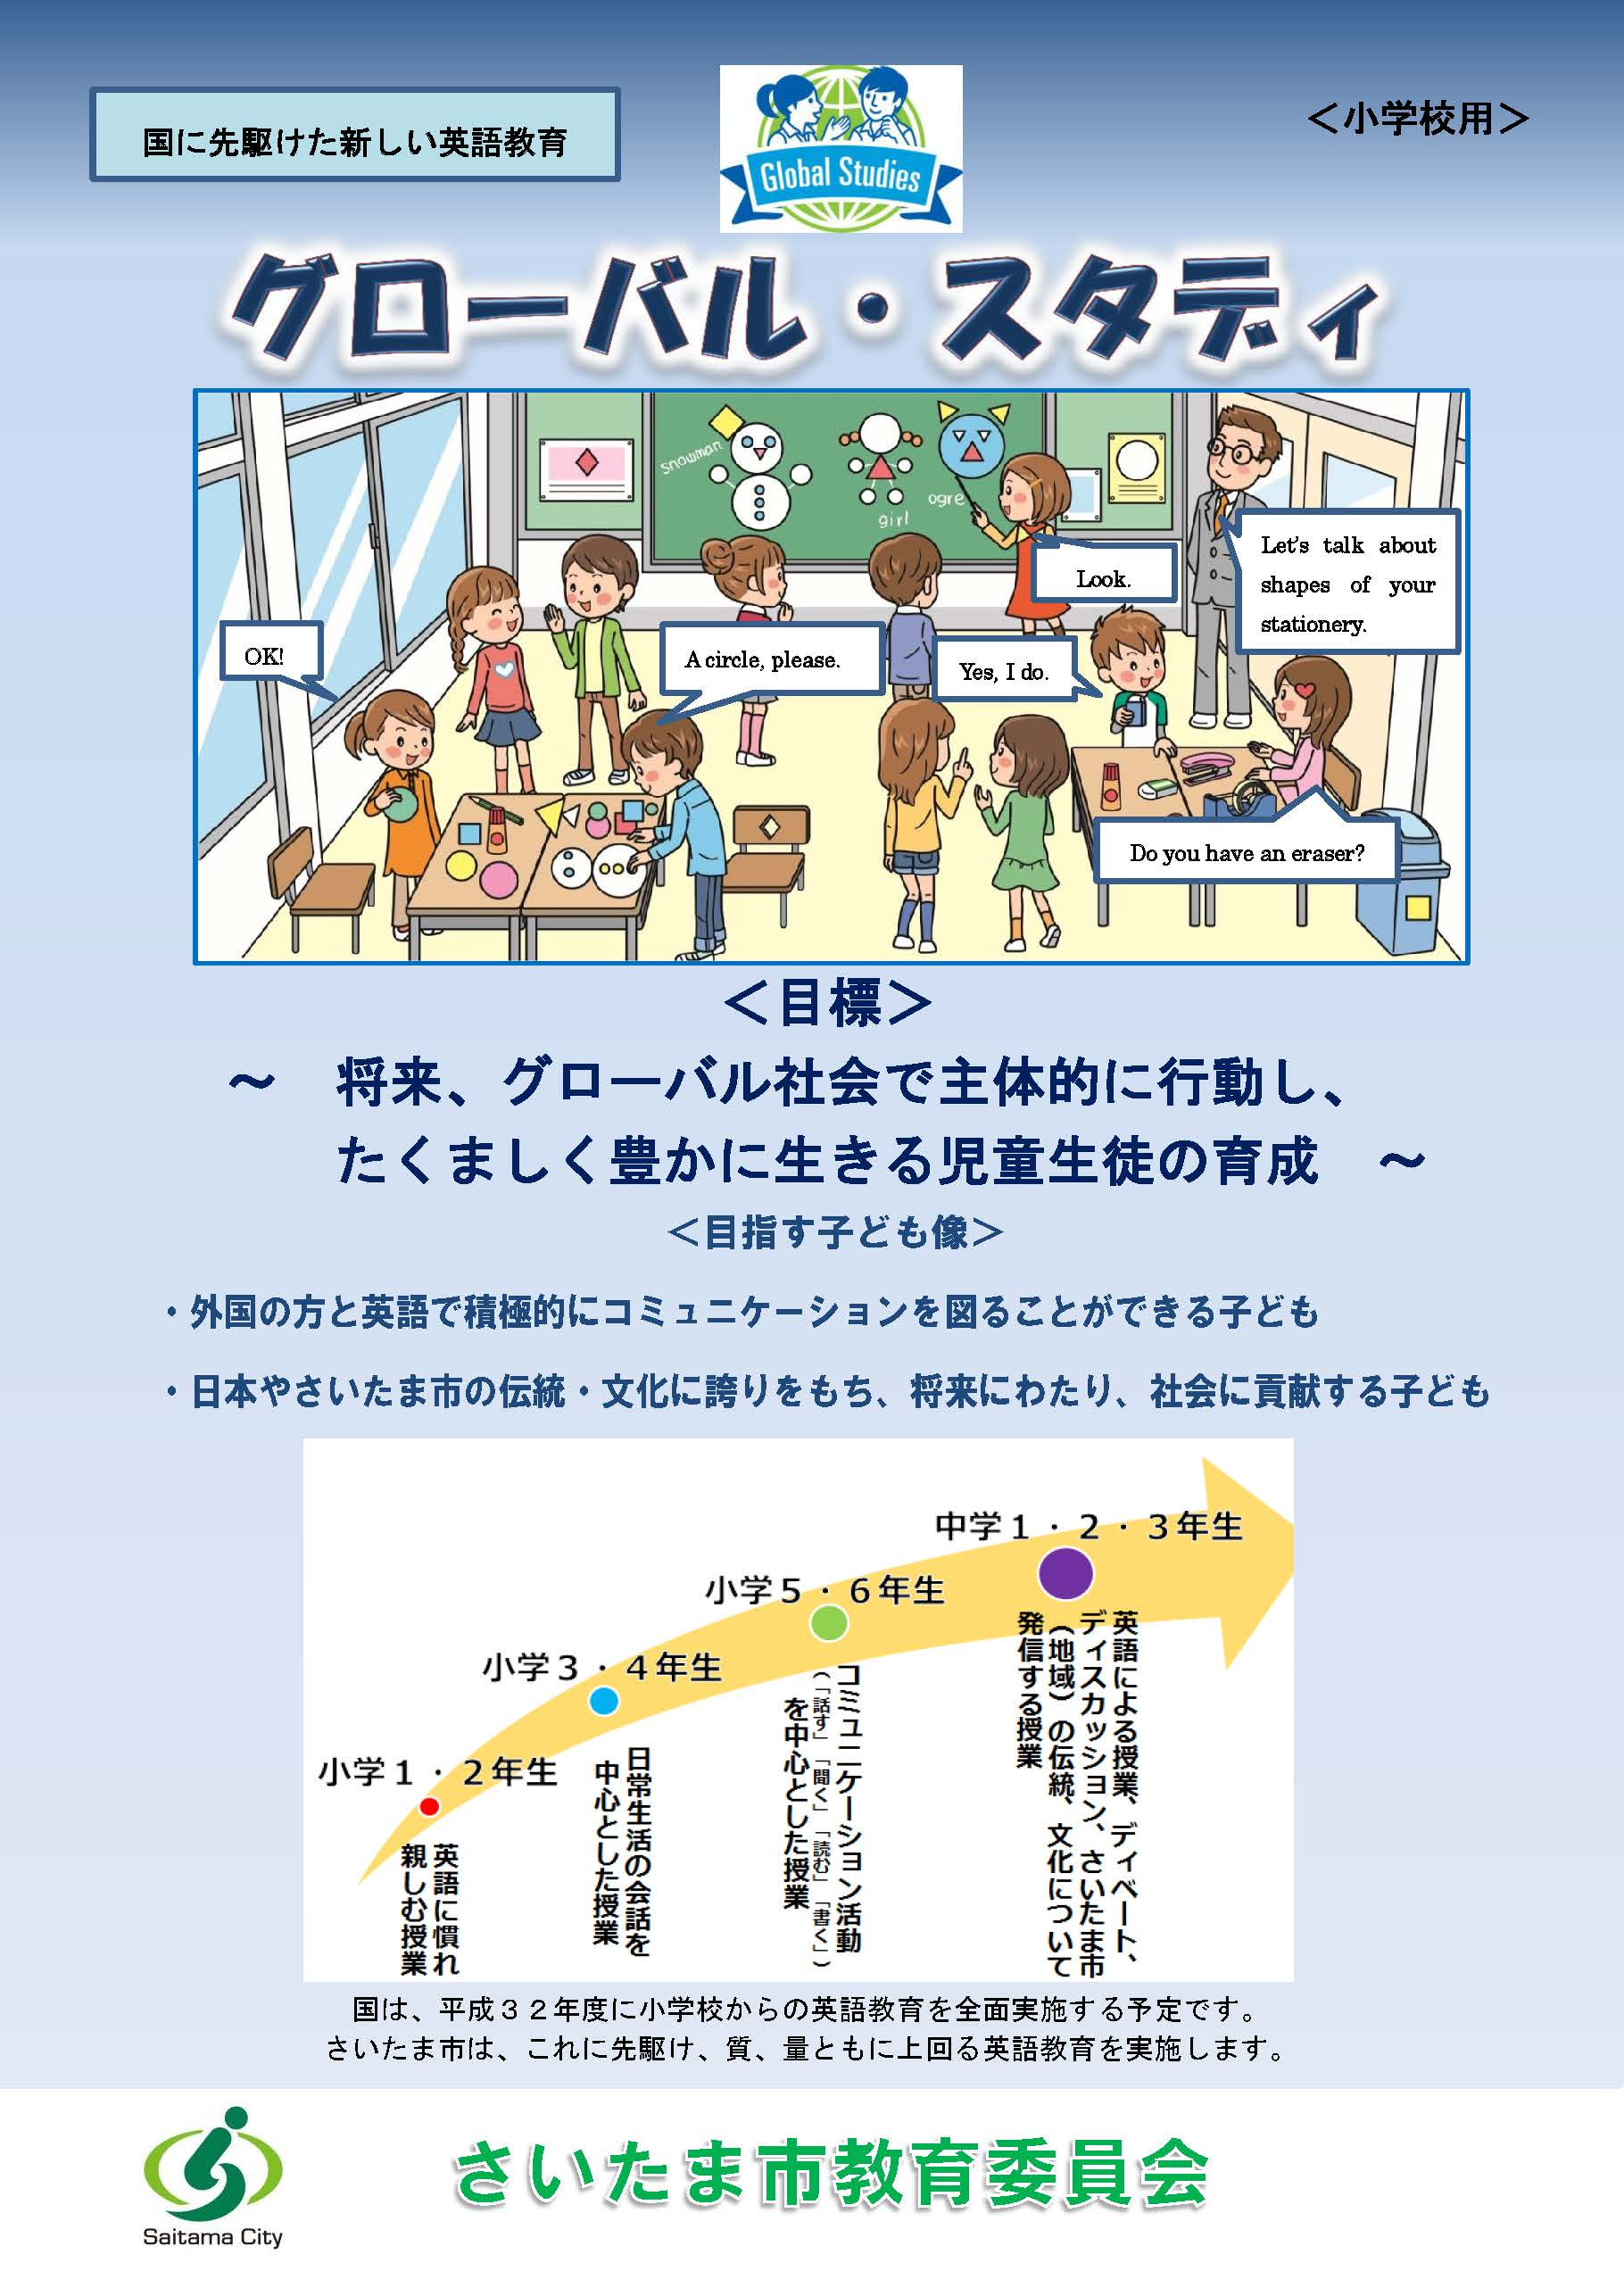 さいたま市 英語 グローバル・スタディ 小学生 浦和の学習塾 個別対応Be‐1(びーわん)